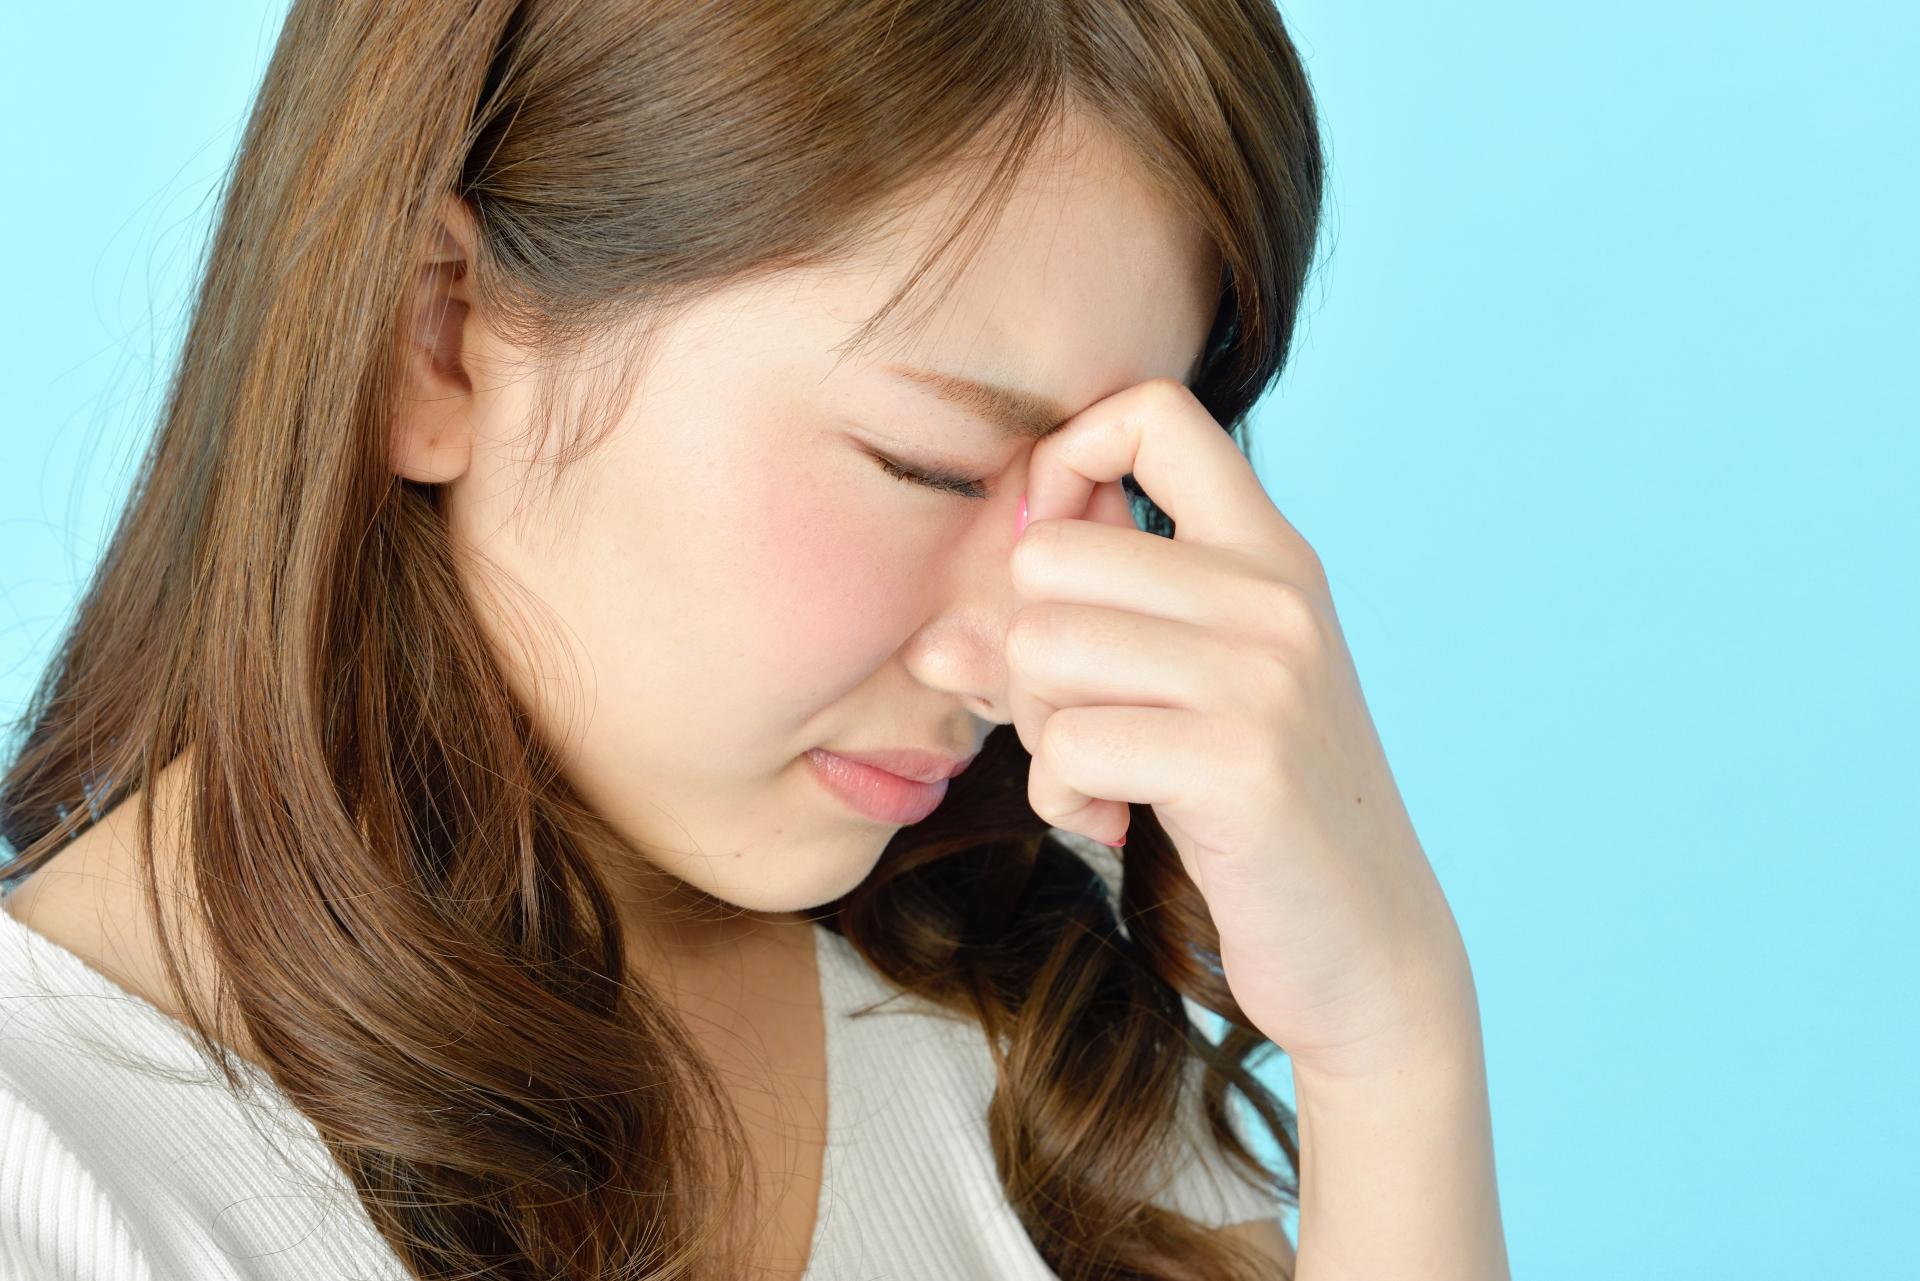 眼精疲労が緊張型頭痛を招く理由と対処法